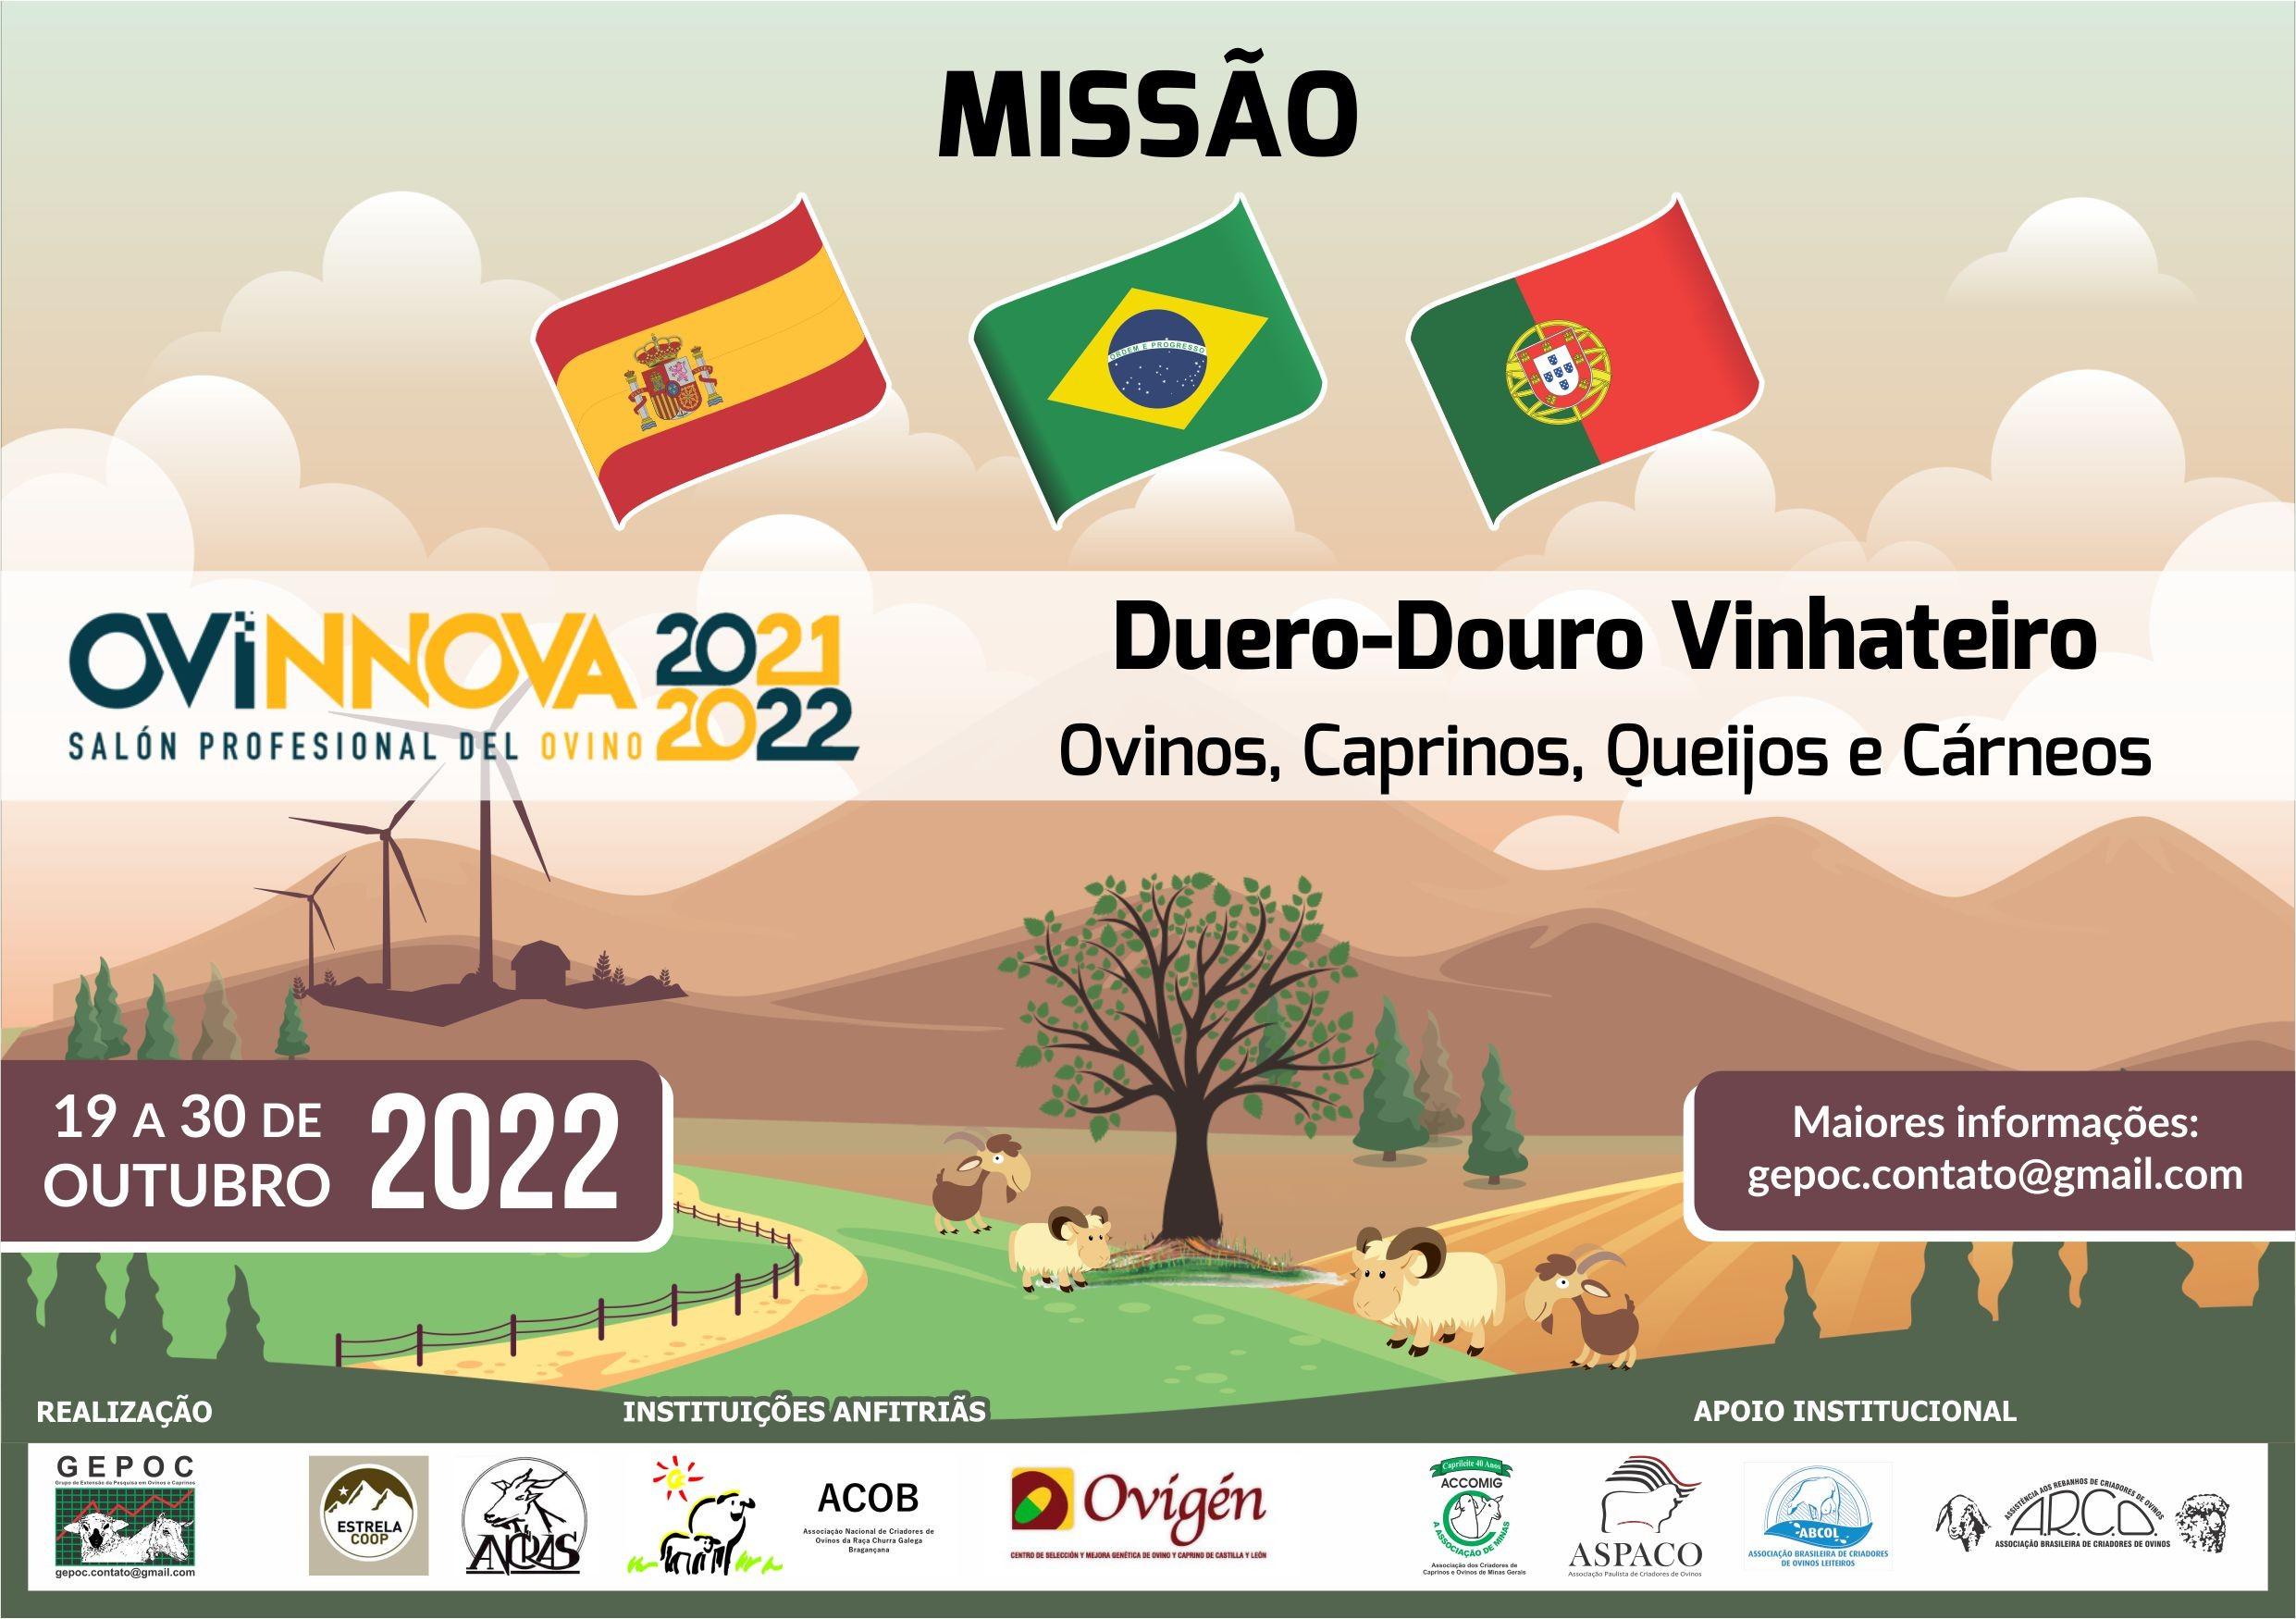 Missão BRASIL-ESPANHA-PORTUGAL com Feira OVINNOVA19 a 30/10/22